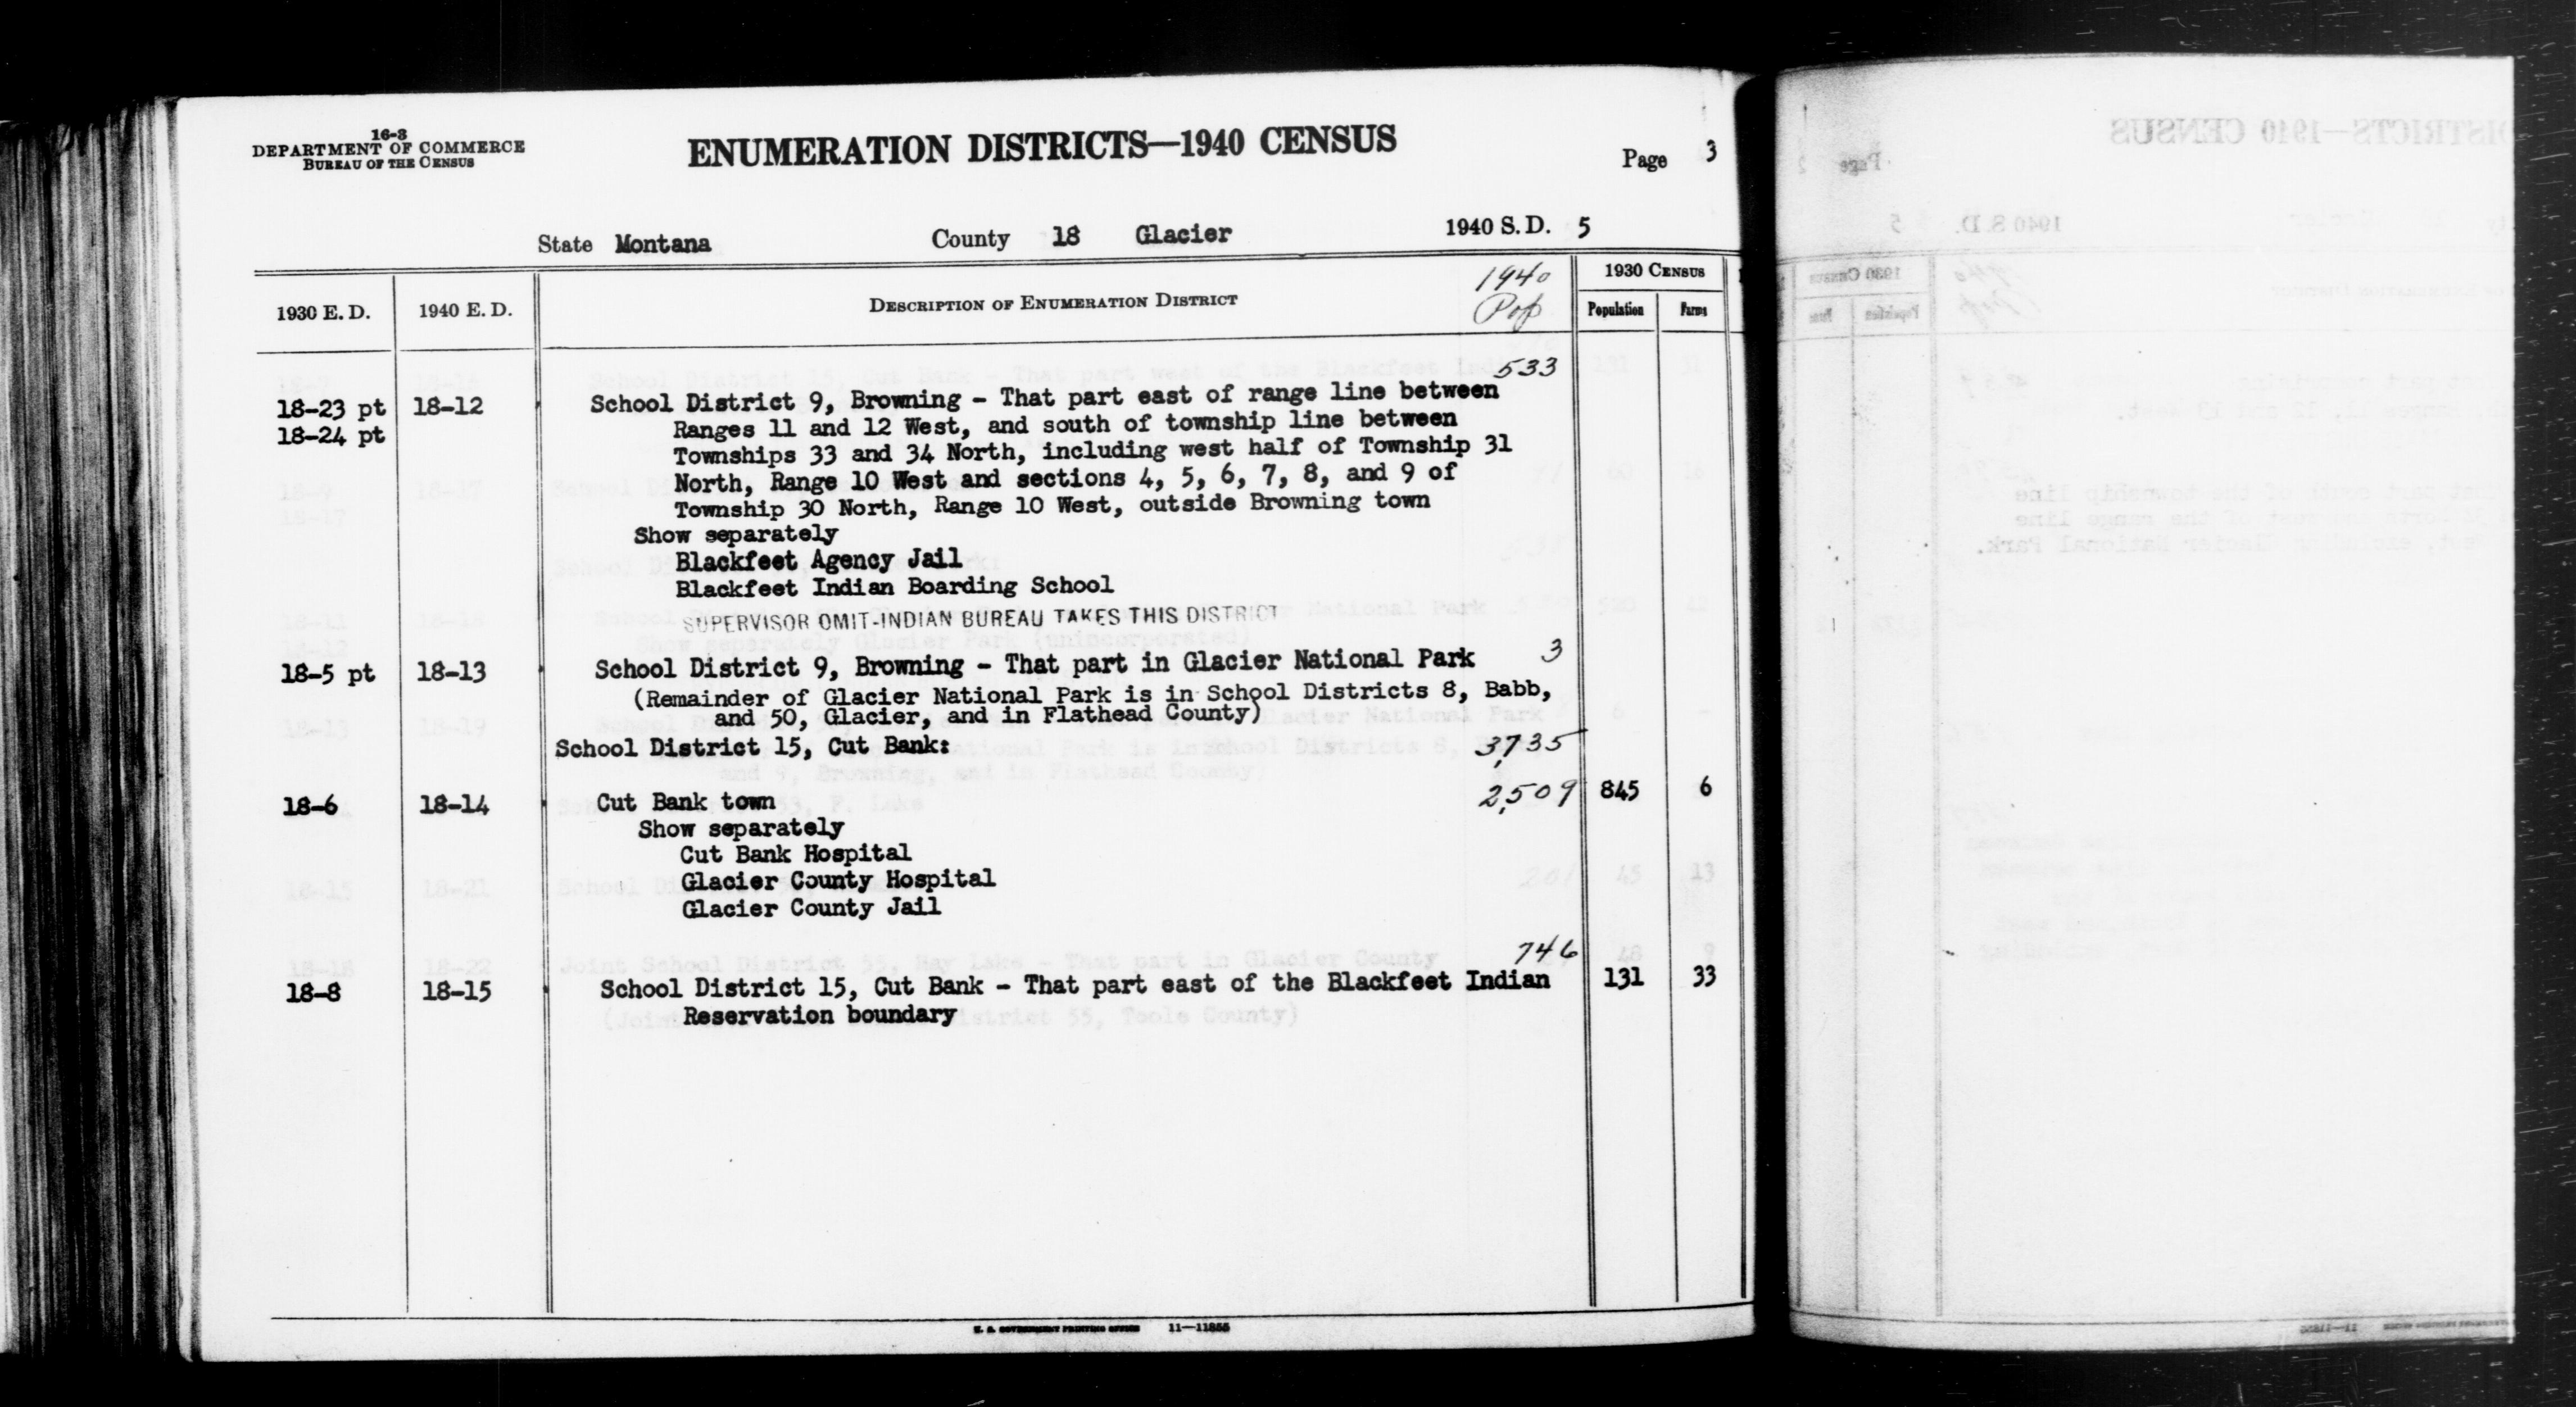 1940 Census Enumeration District Descriptions - Montana - Glacier County - ED 18-12, ED 18-13, ED 18-14A, ED 18-14B, ED 18-15